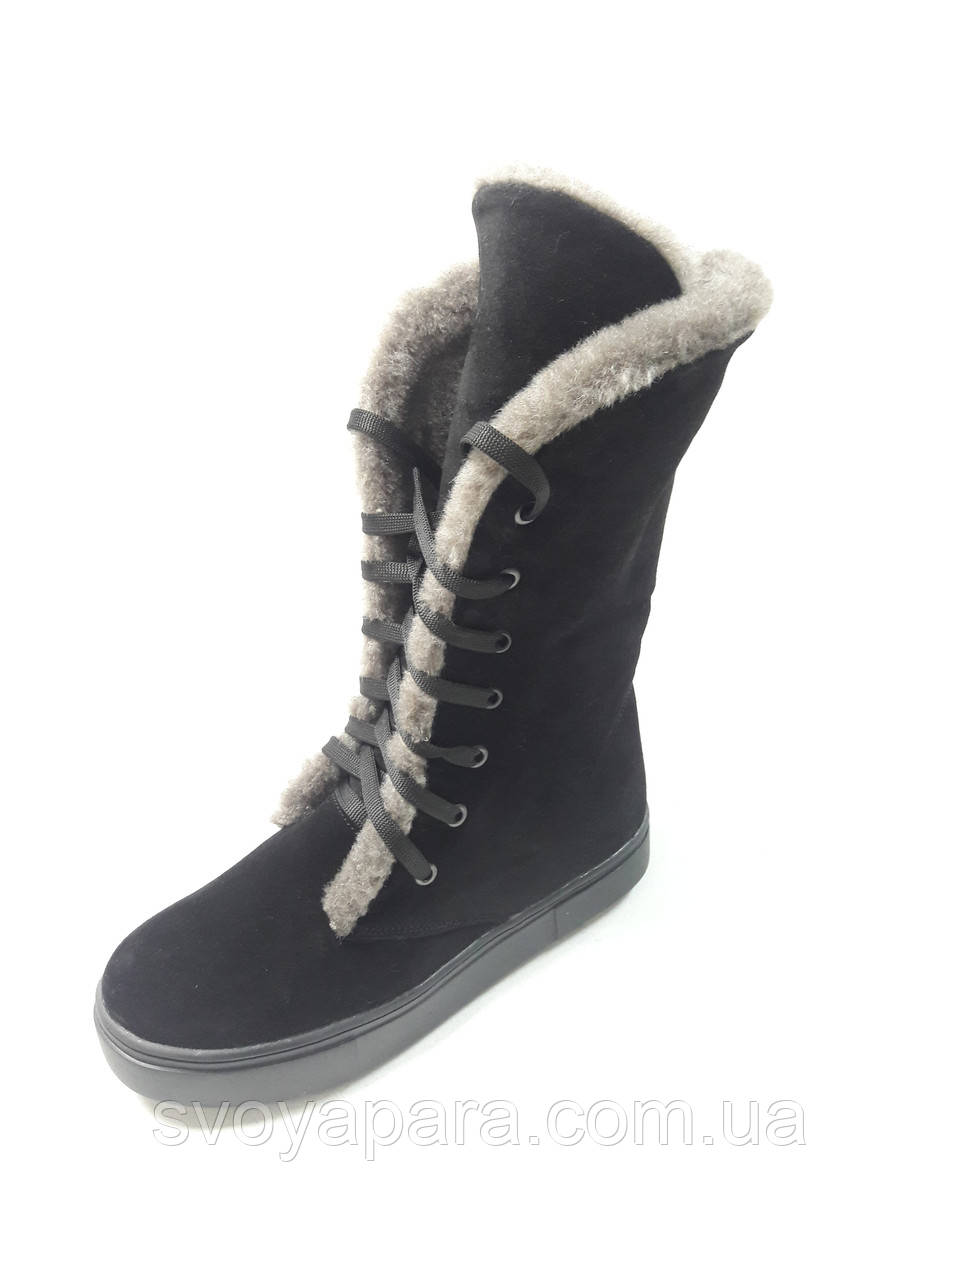 Женские зимние высокие ботинки черные замшевые (0156)